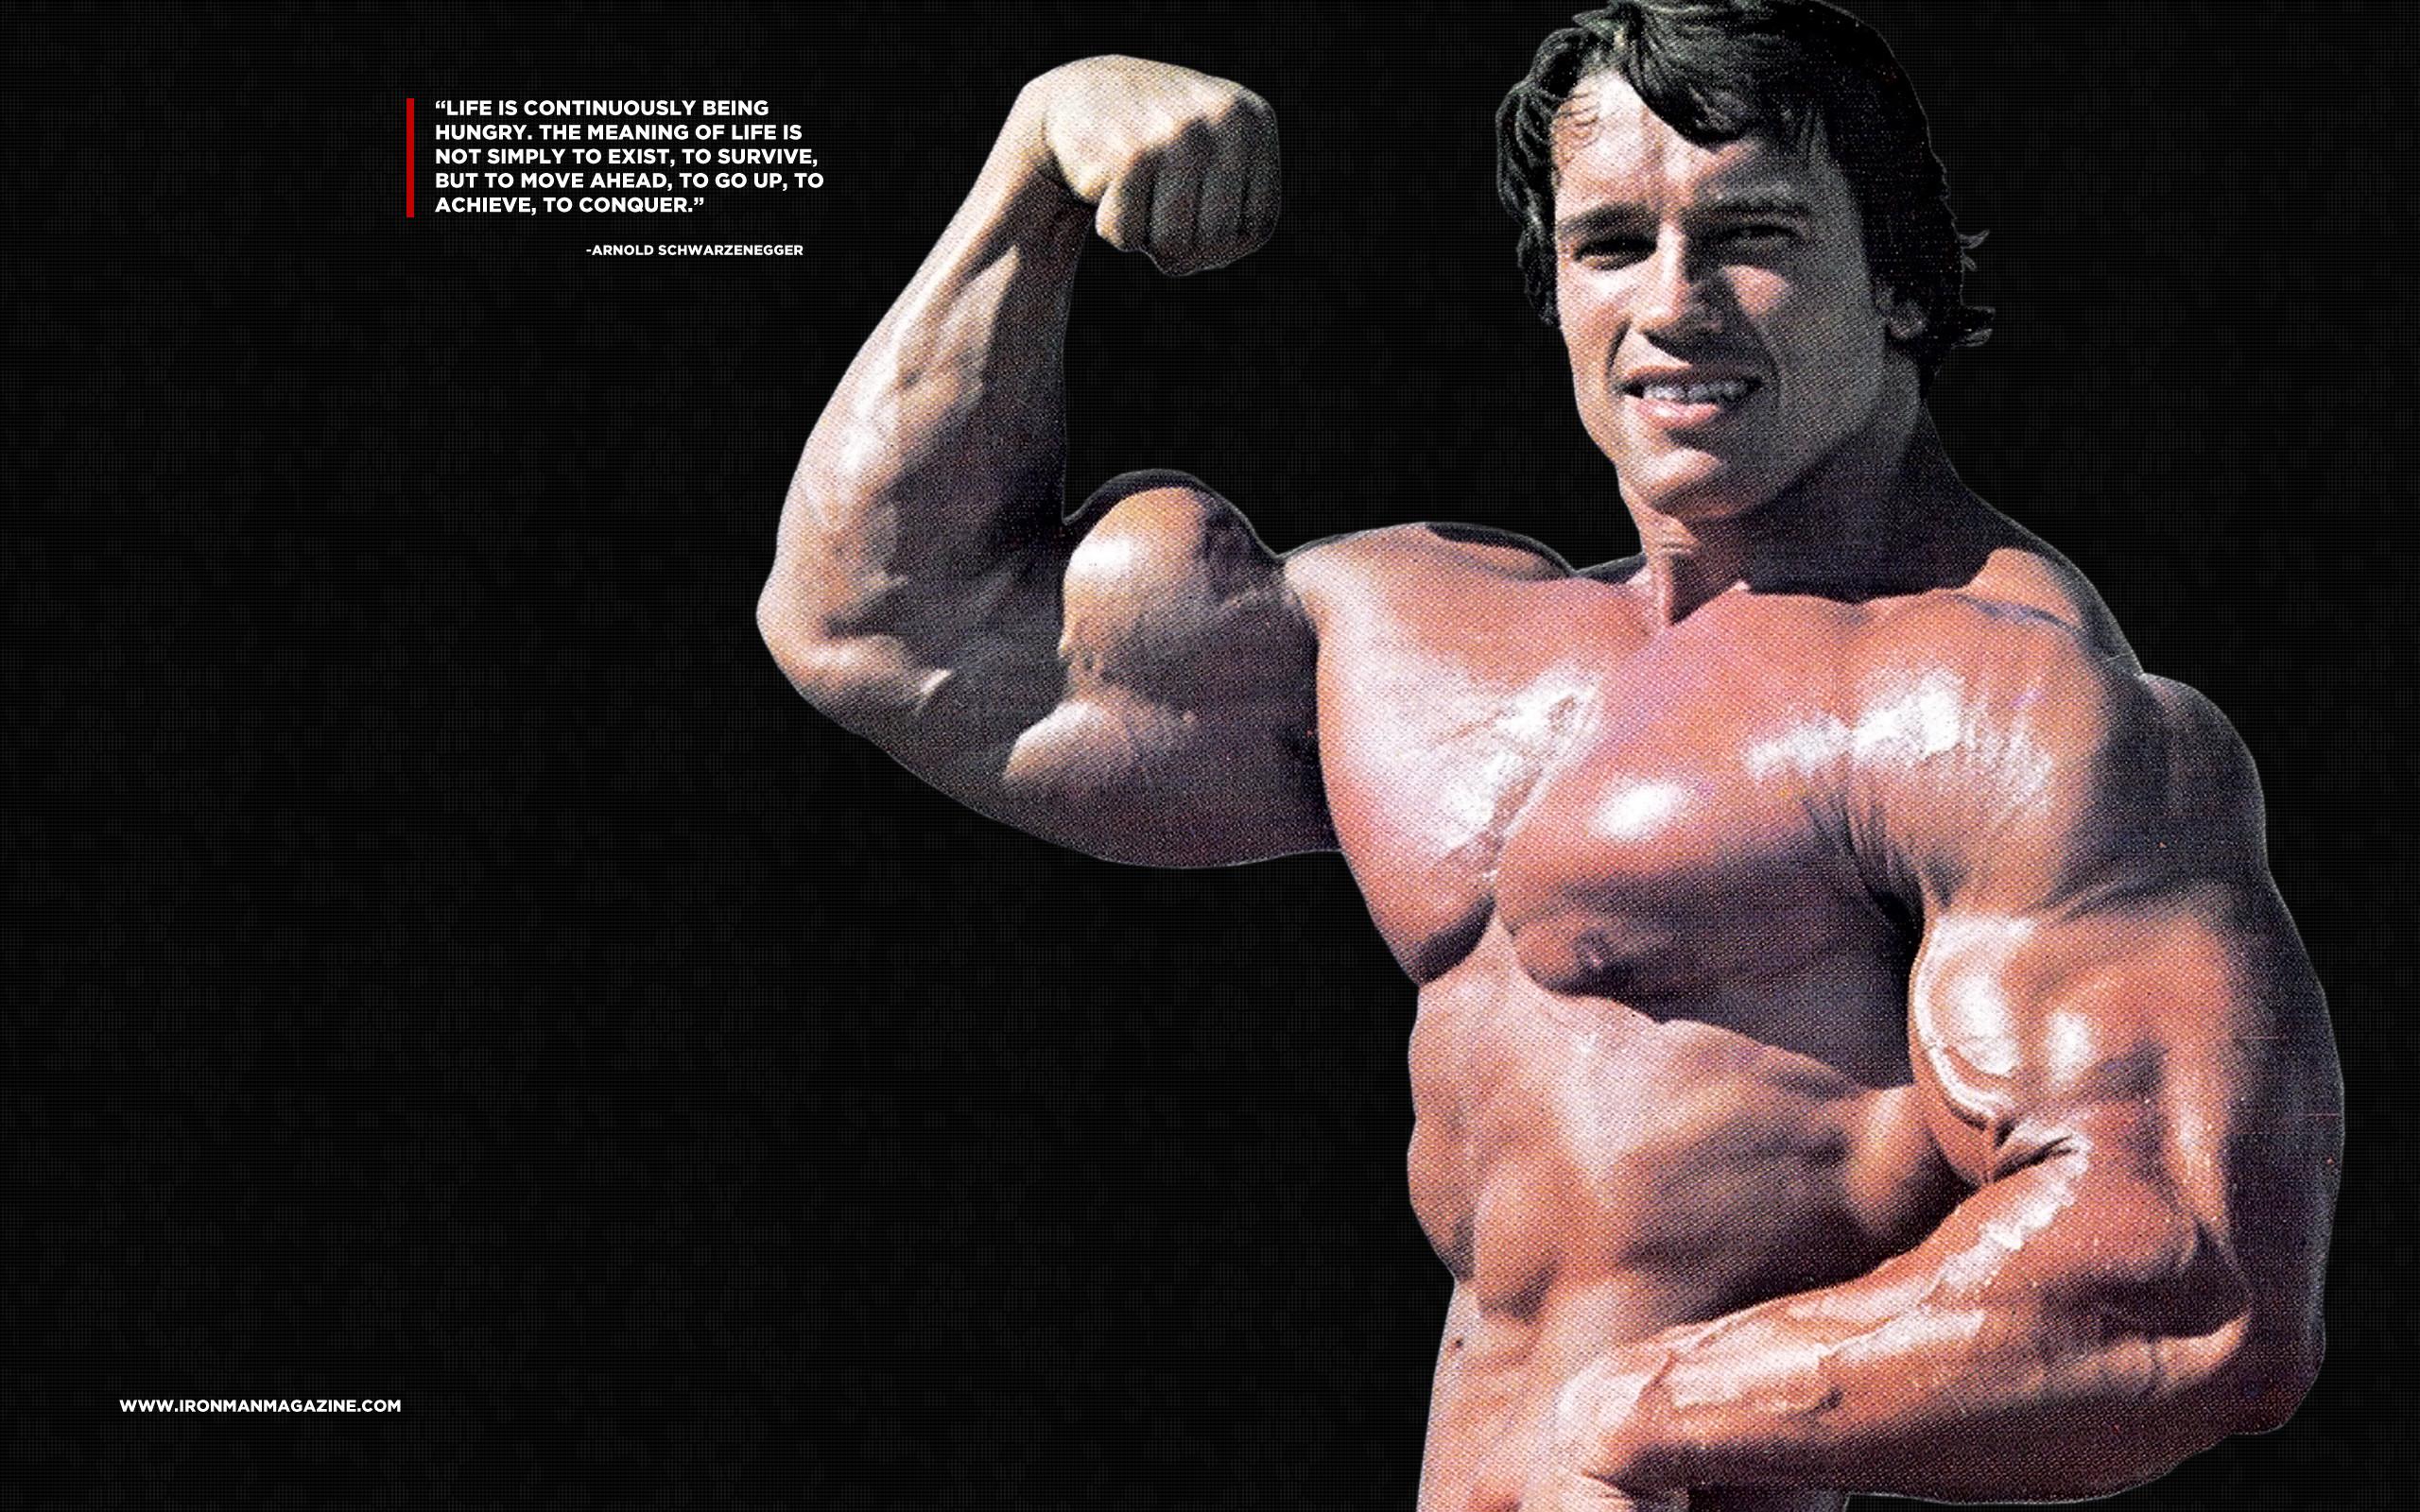 Iphone X Wallpaper Bodybuilding Arnold Schwarzenegger Wallpaper 75 Images